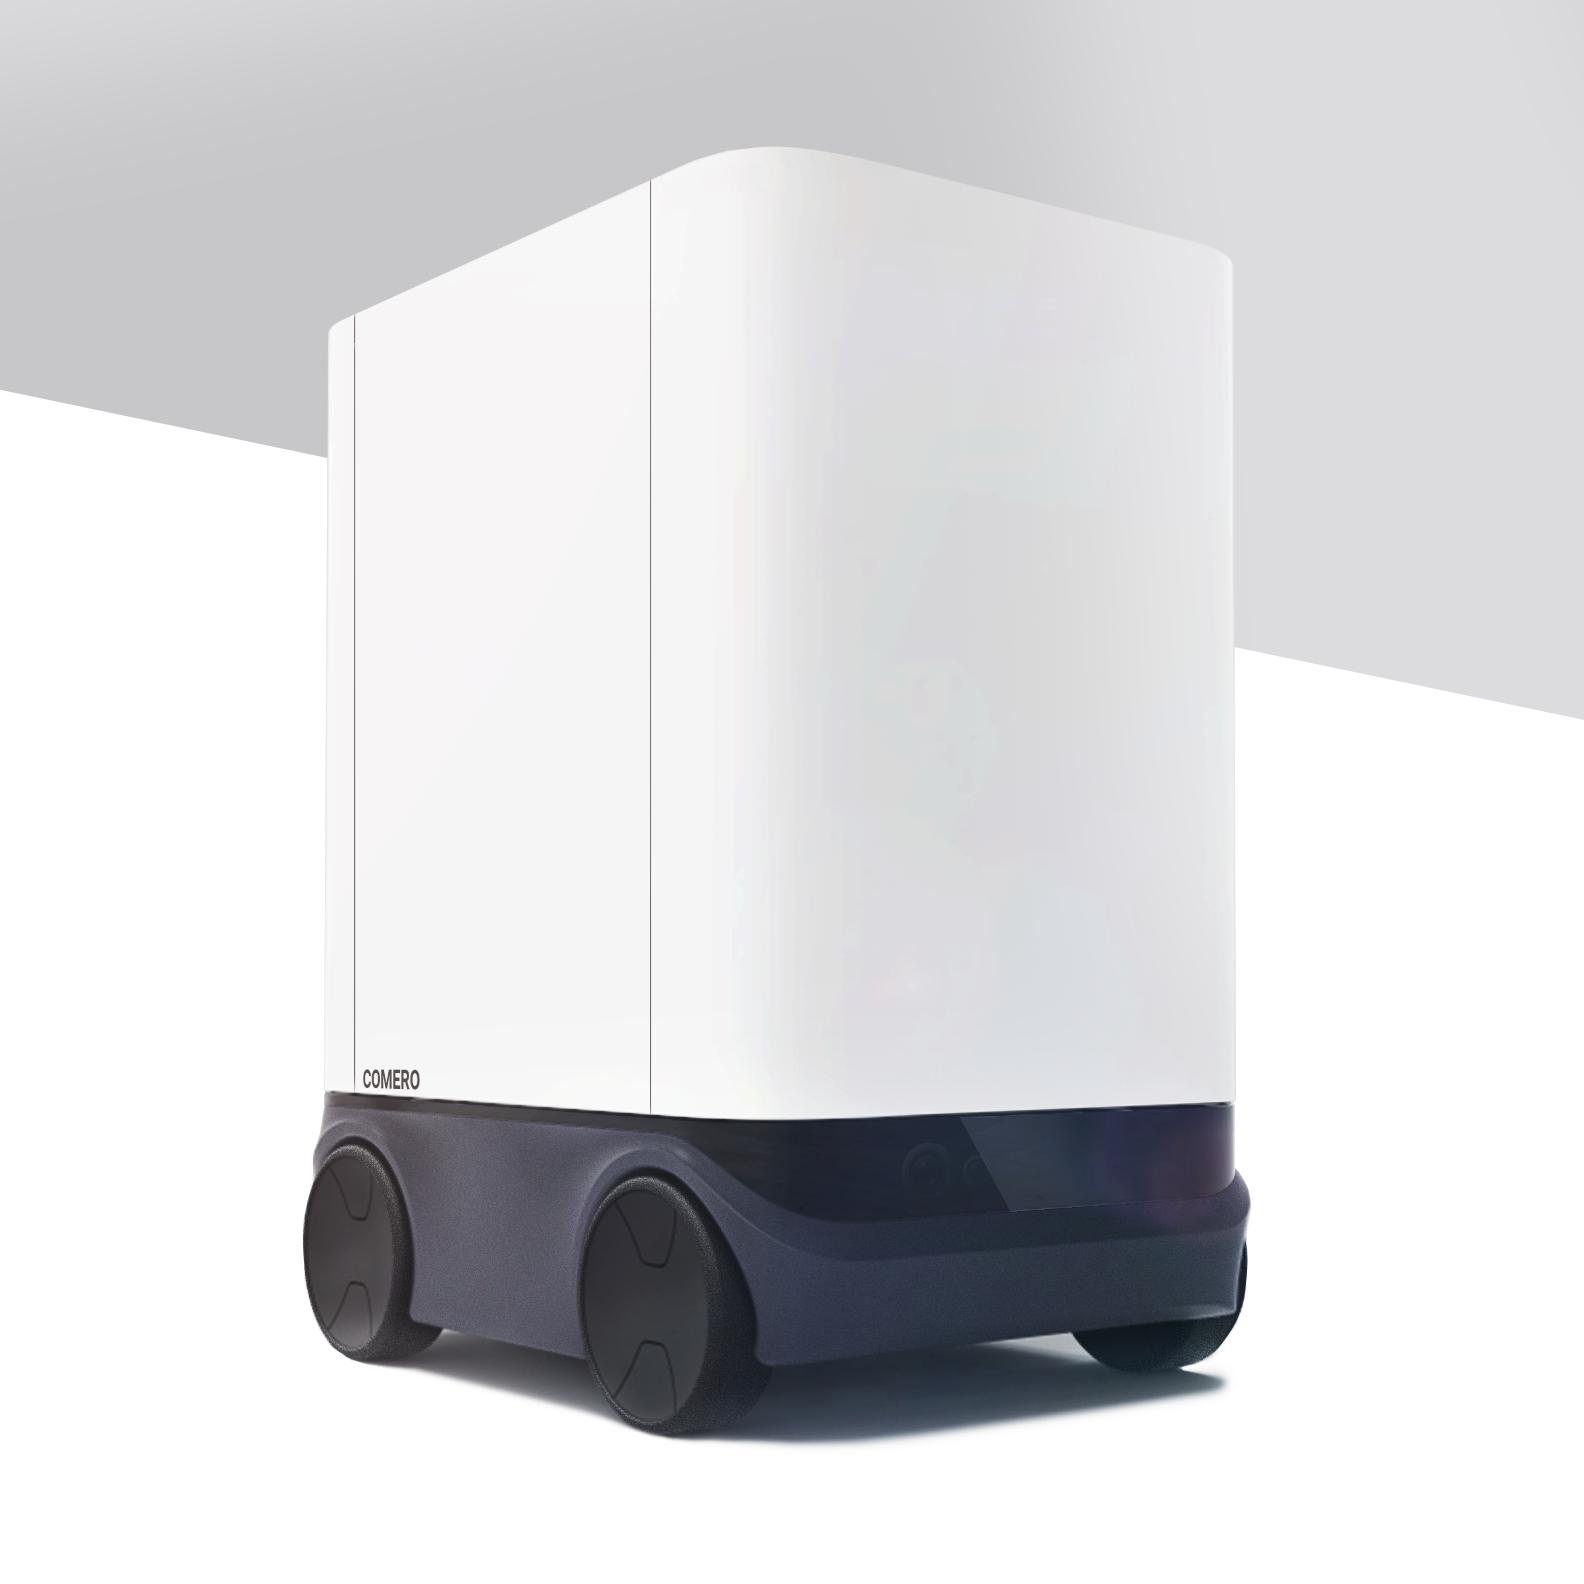 COMERO – CANTEEN ROBOT